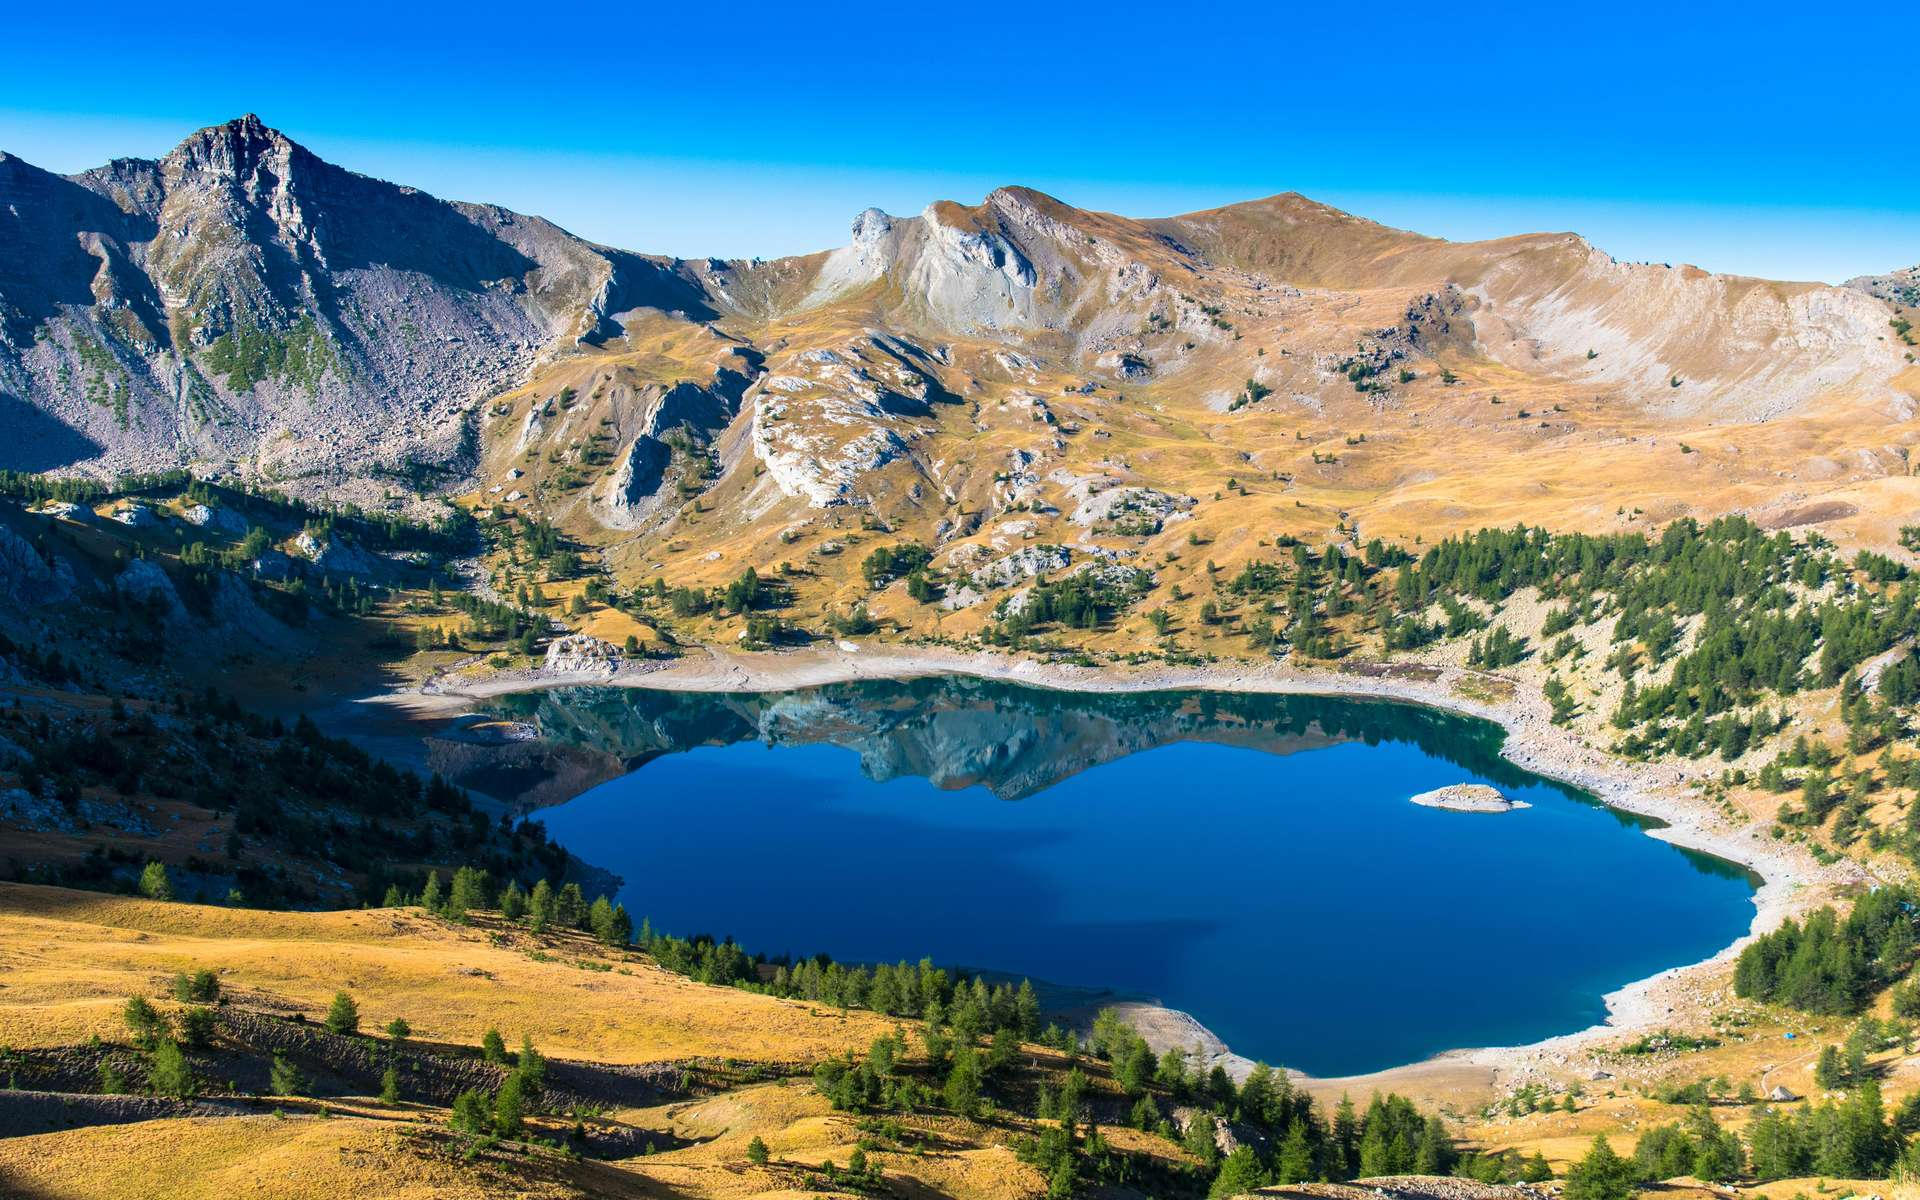 Le parc du Mercantour accueille chaque année plus de 800.000 touristes. © Gilles Ehrmann, Adobe Stock